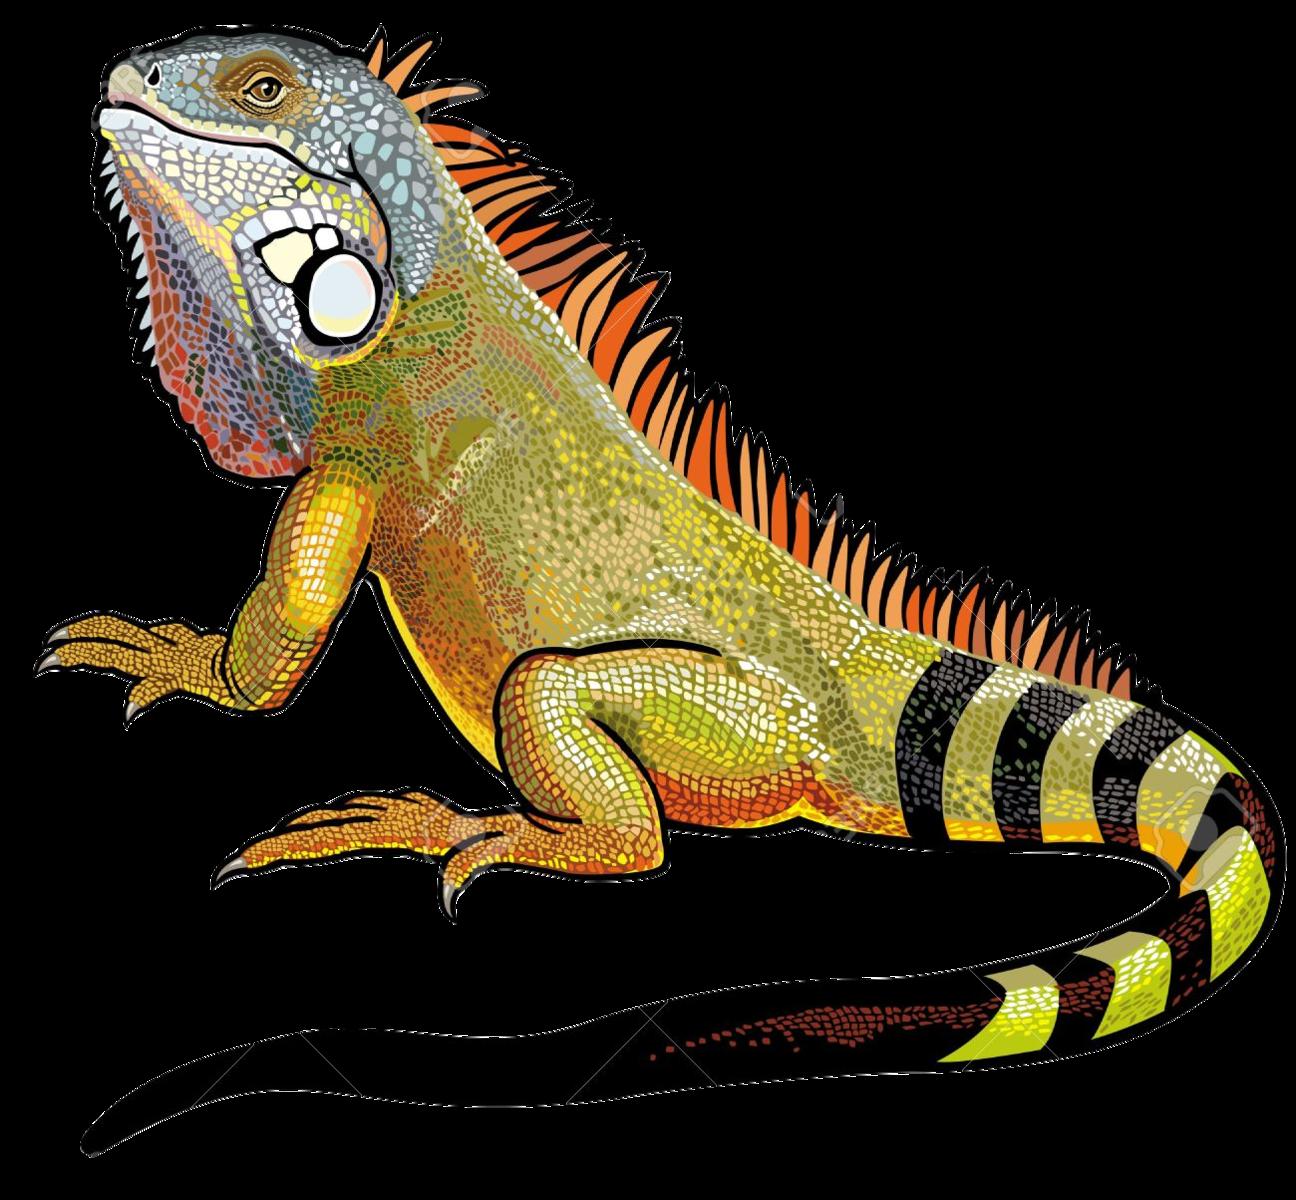 Download Iguana PNG File.